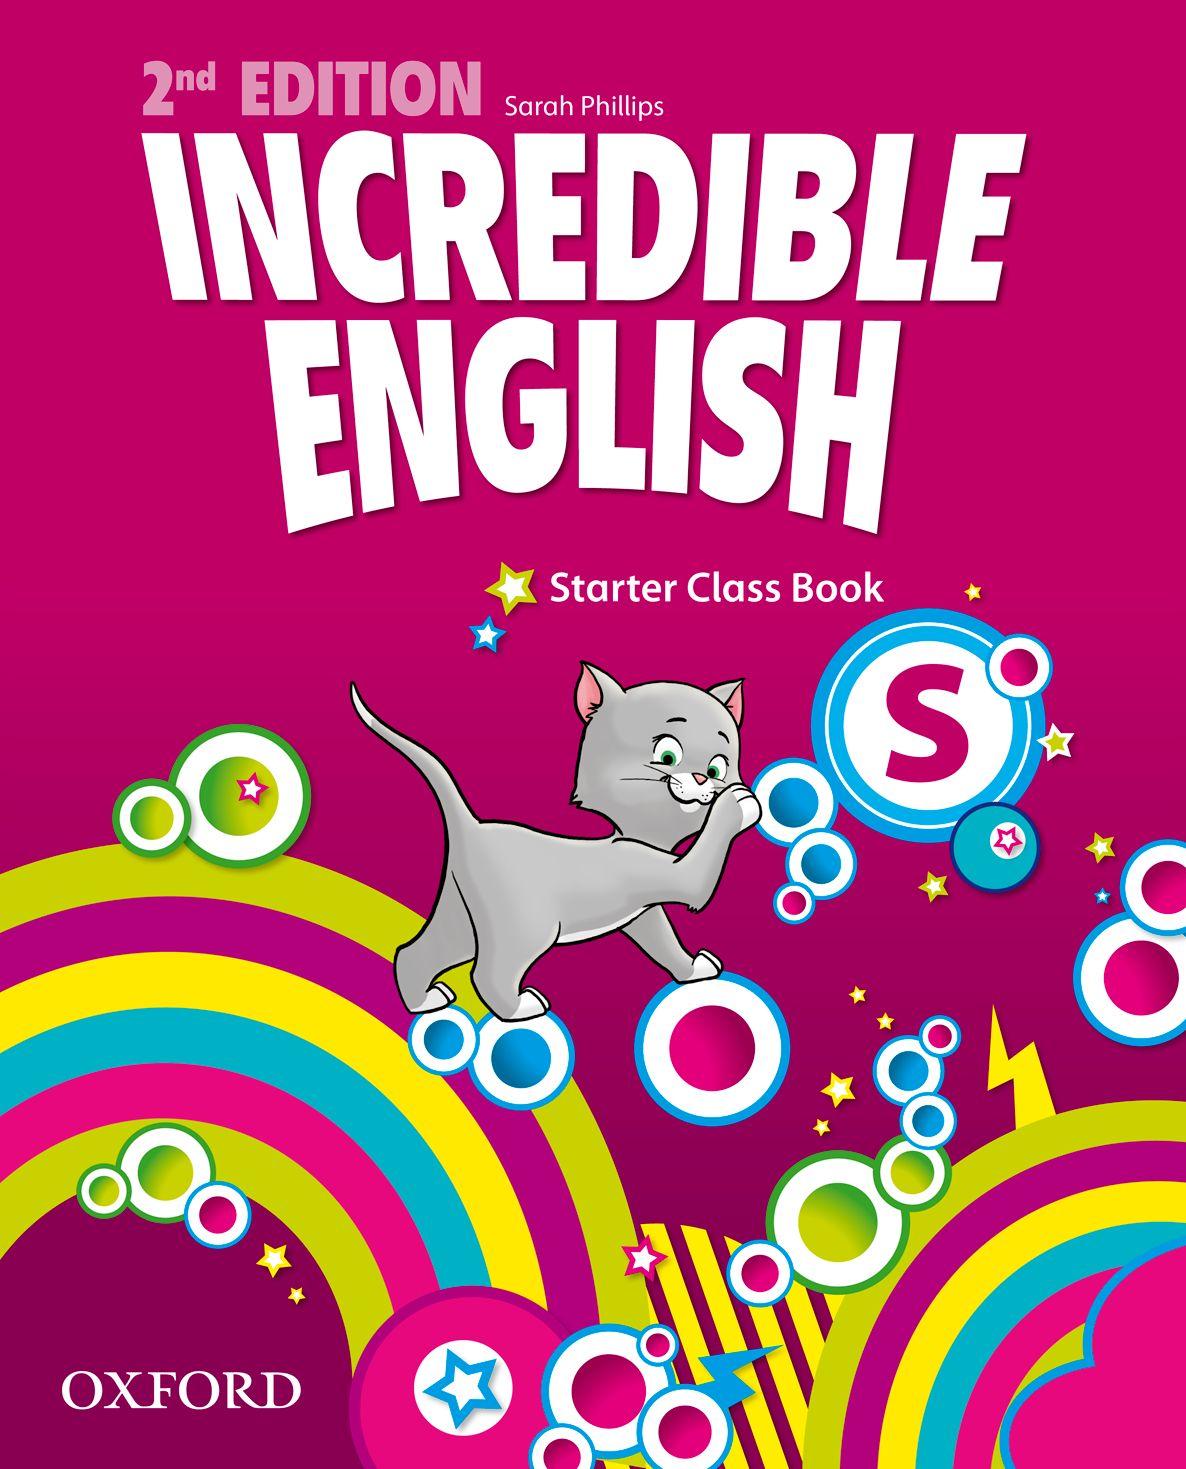 INCREDIBLE ENGLISHLISH 2E STARTER CB incredible englishlish 2e 6 ab